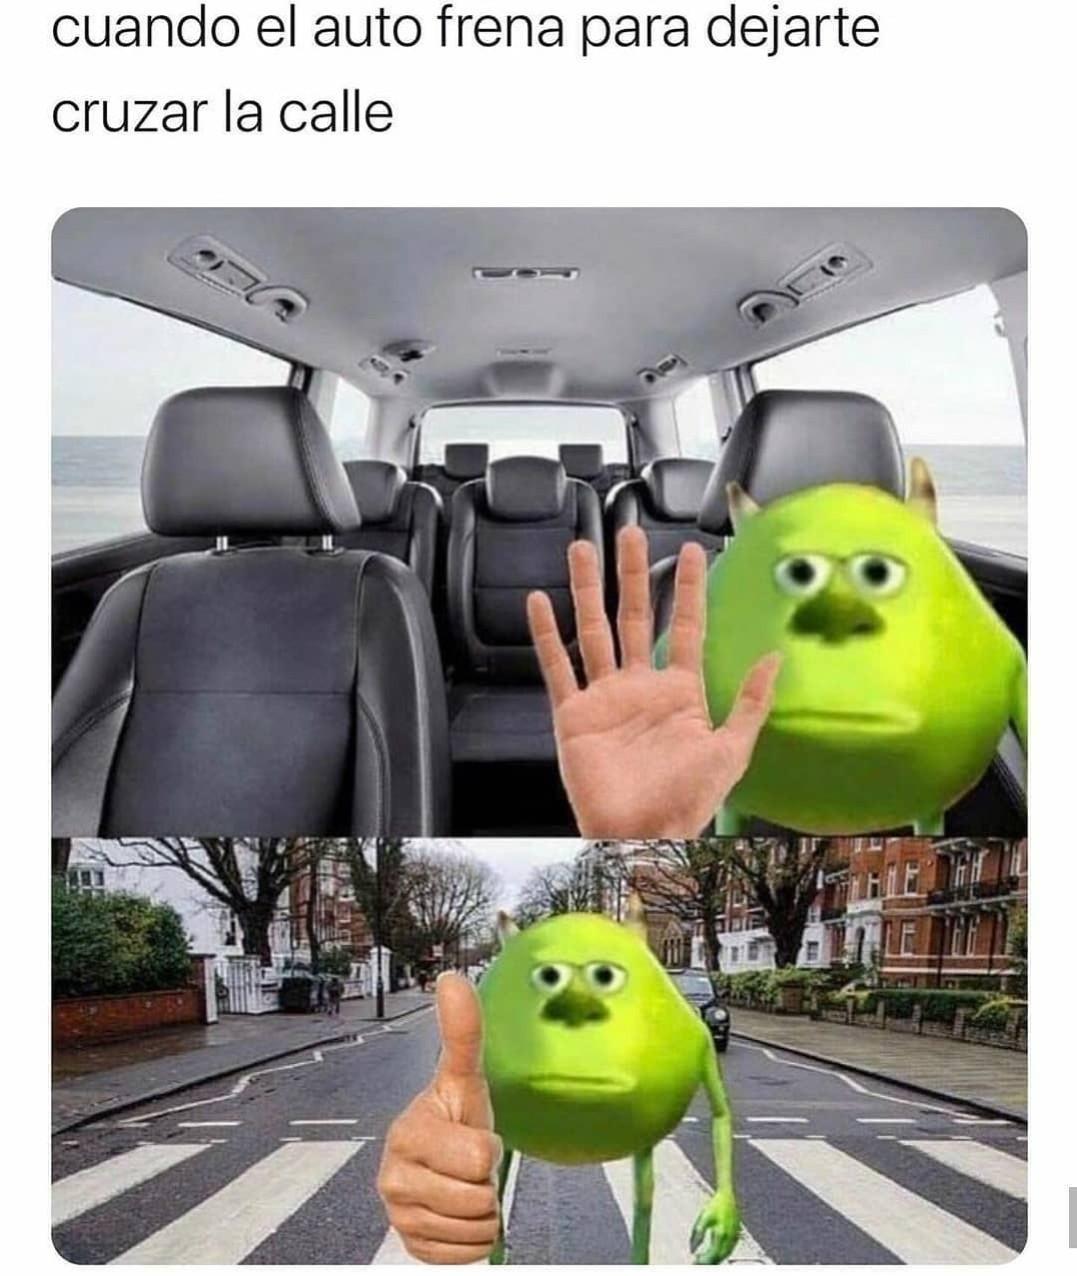 cruzar - meme